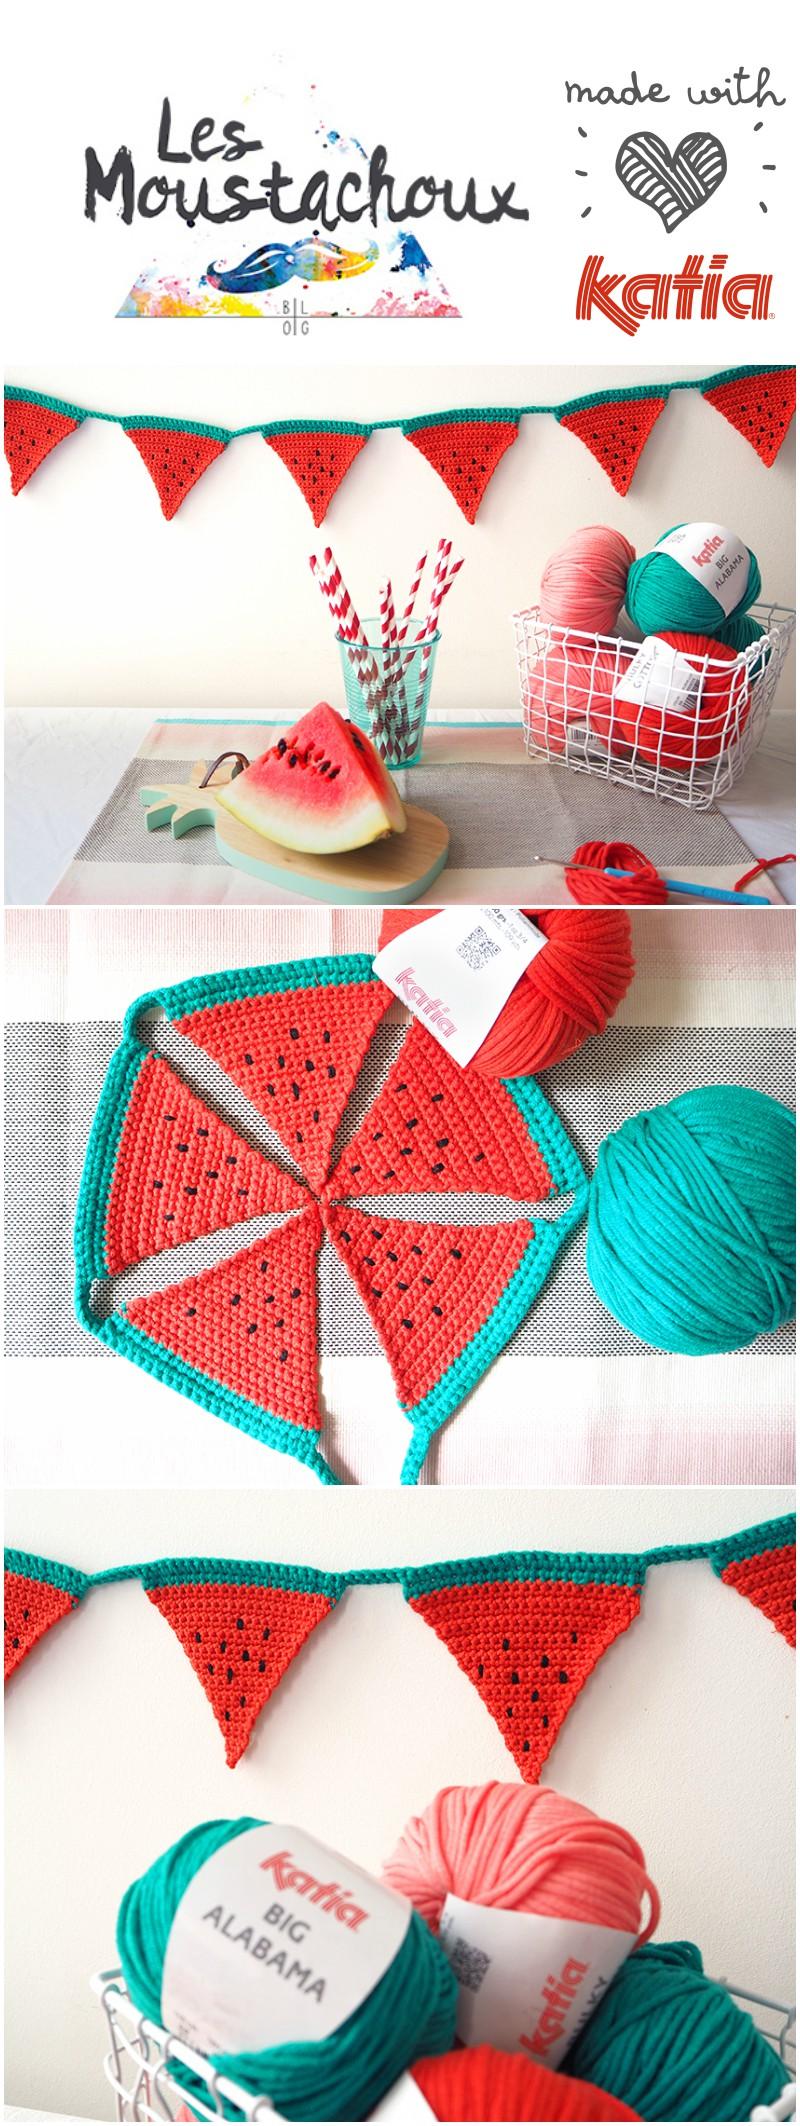 Crochet watermelon bunting by Les Moustachoux